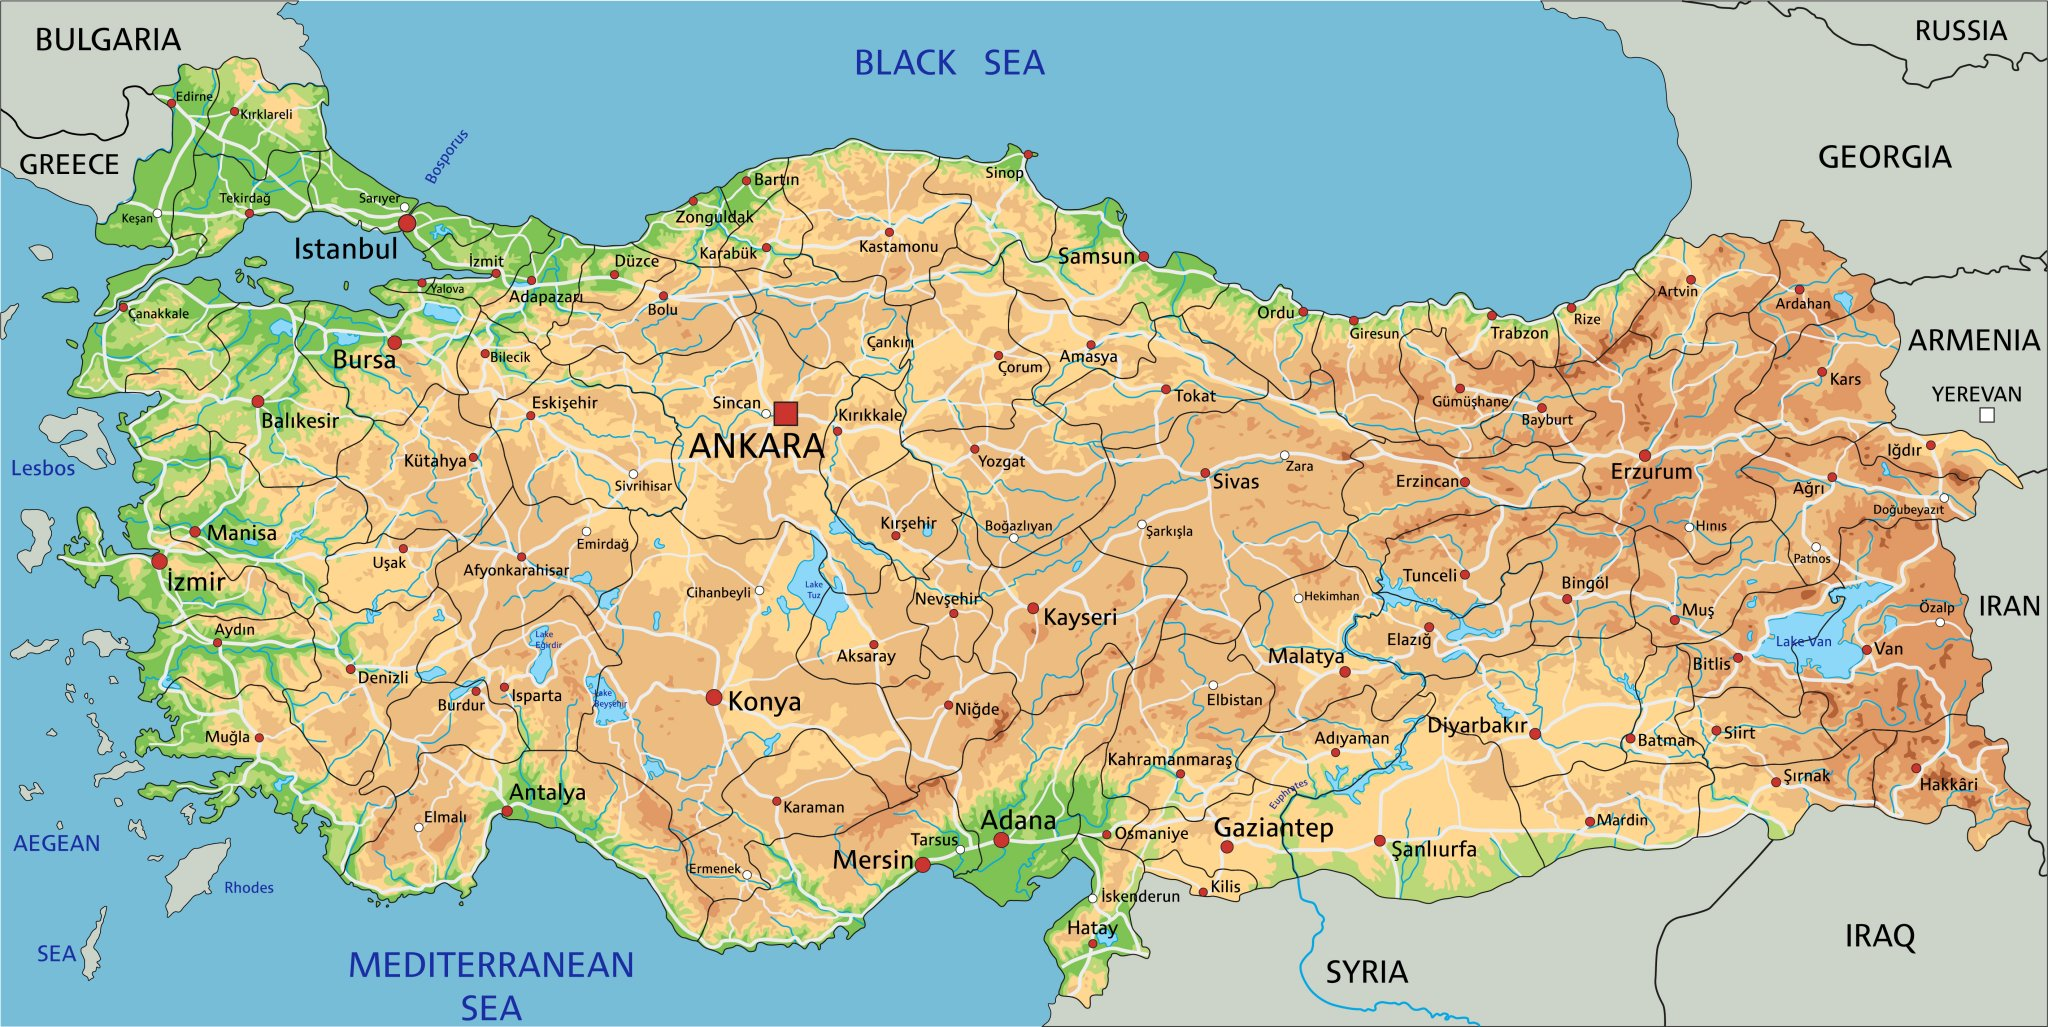 Zakladni Informace O Turecku Turecko Mahalo Cz